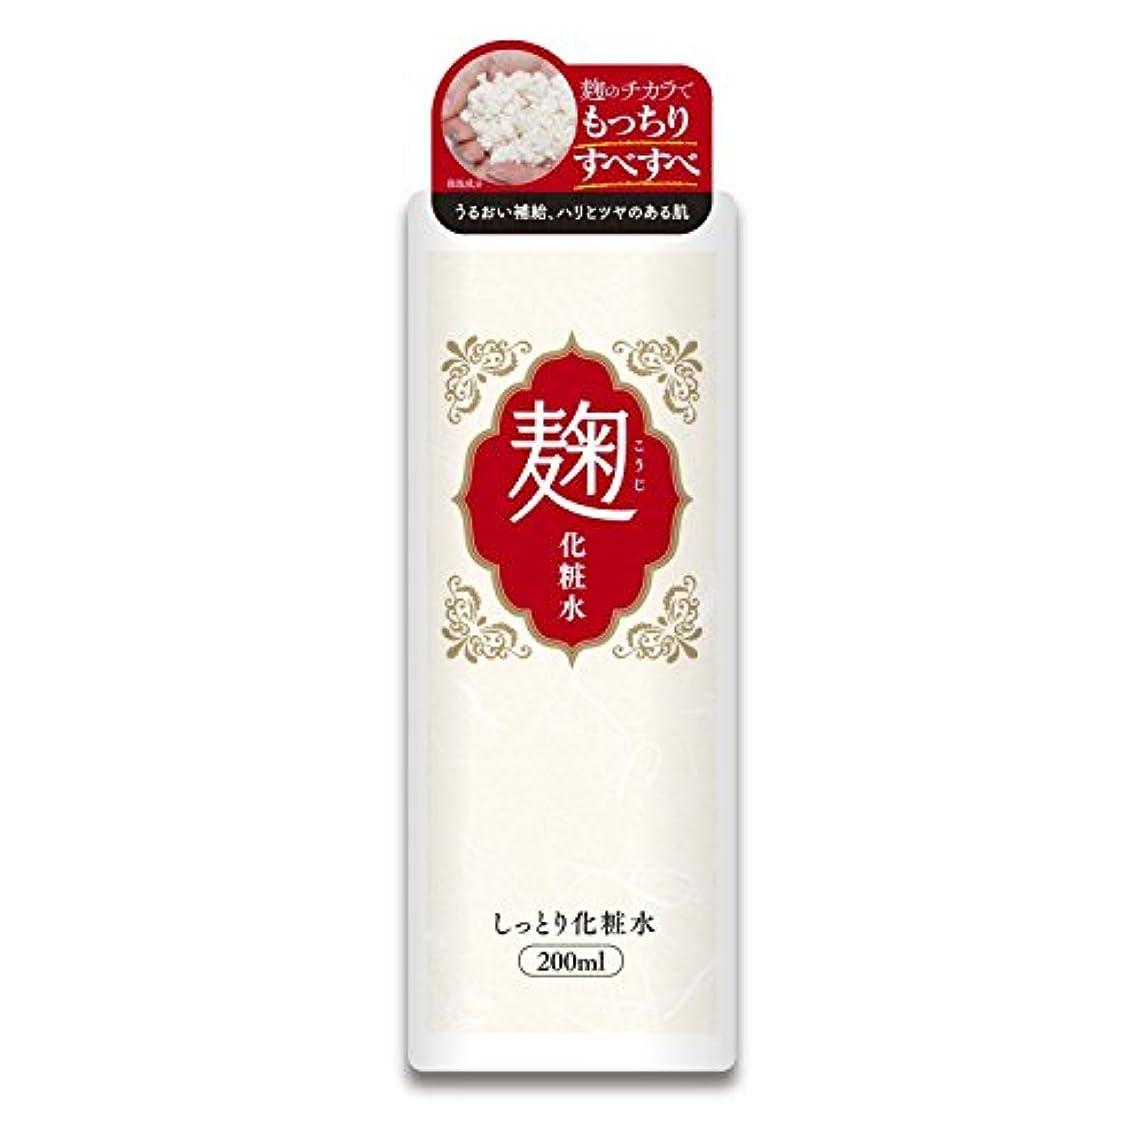 誠意激怒キウイユゼ 麹配合美肌しっとり化粧水 200mL